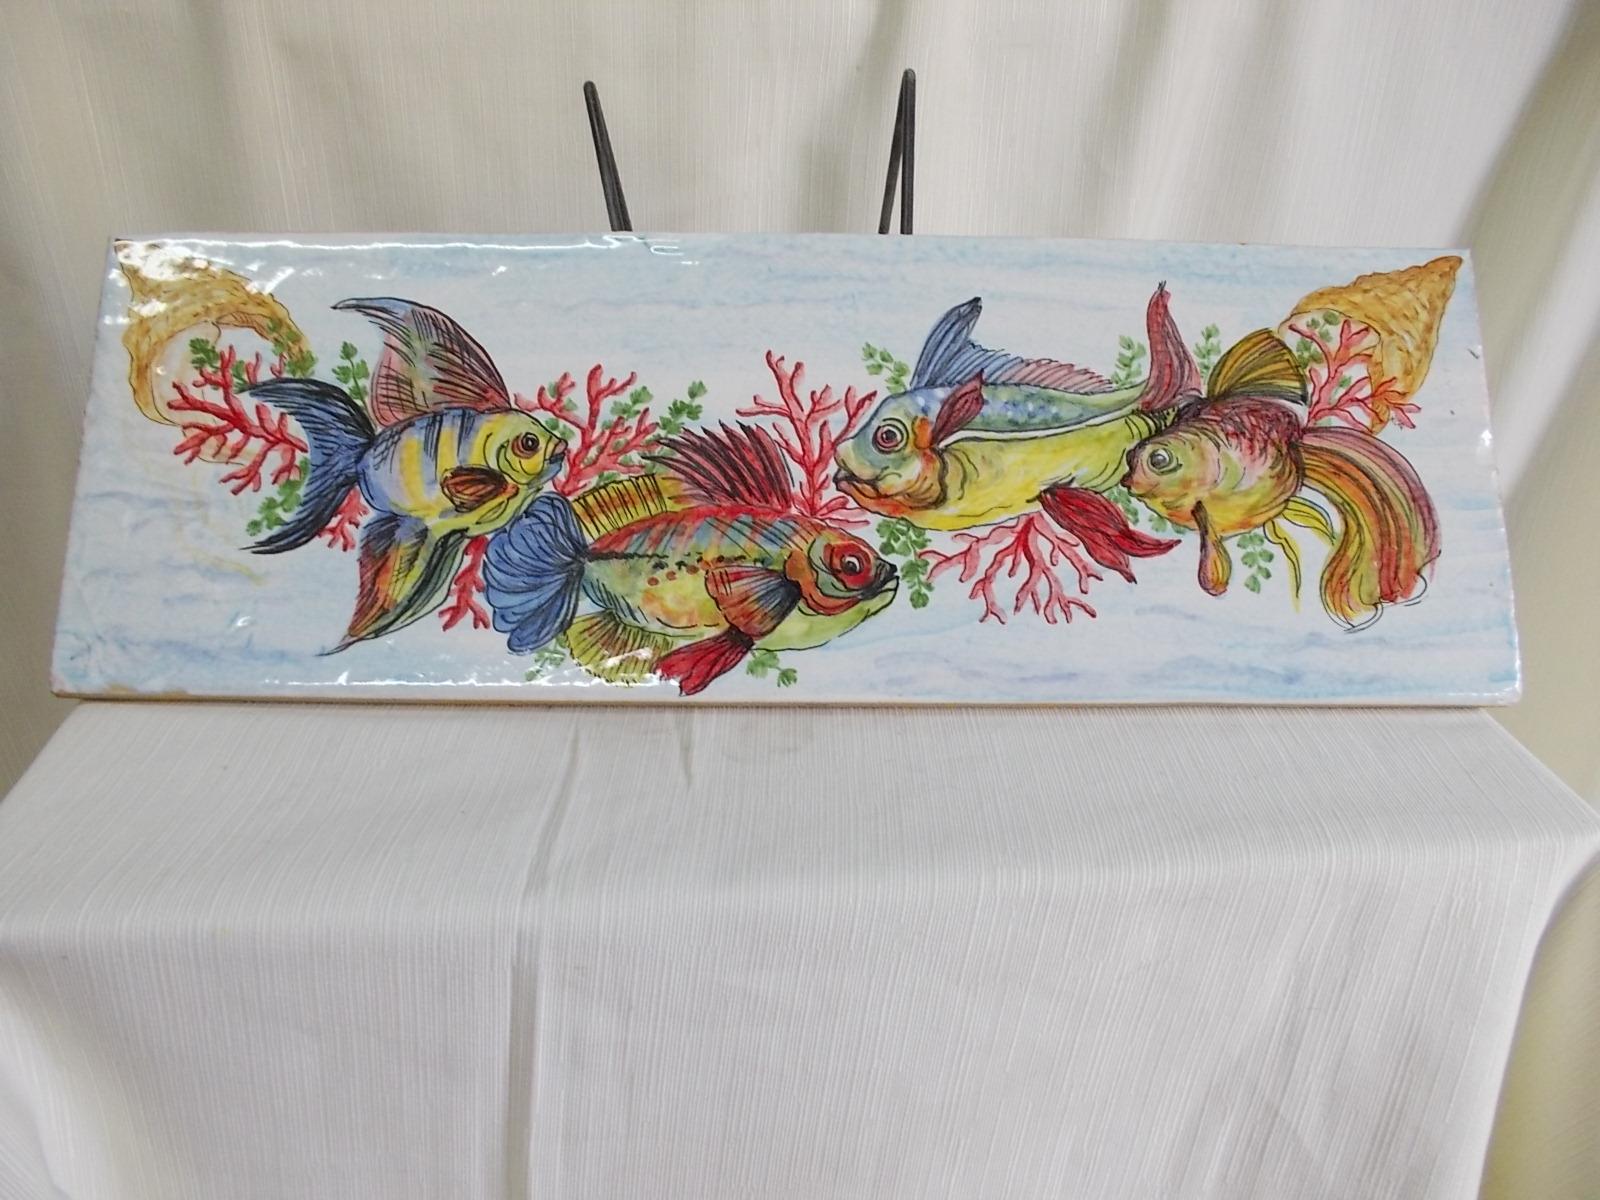 Vendita on line di ceramiche artistiche vendita on line for Pesci per laghetti esterni